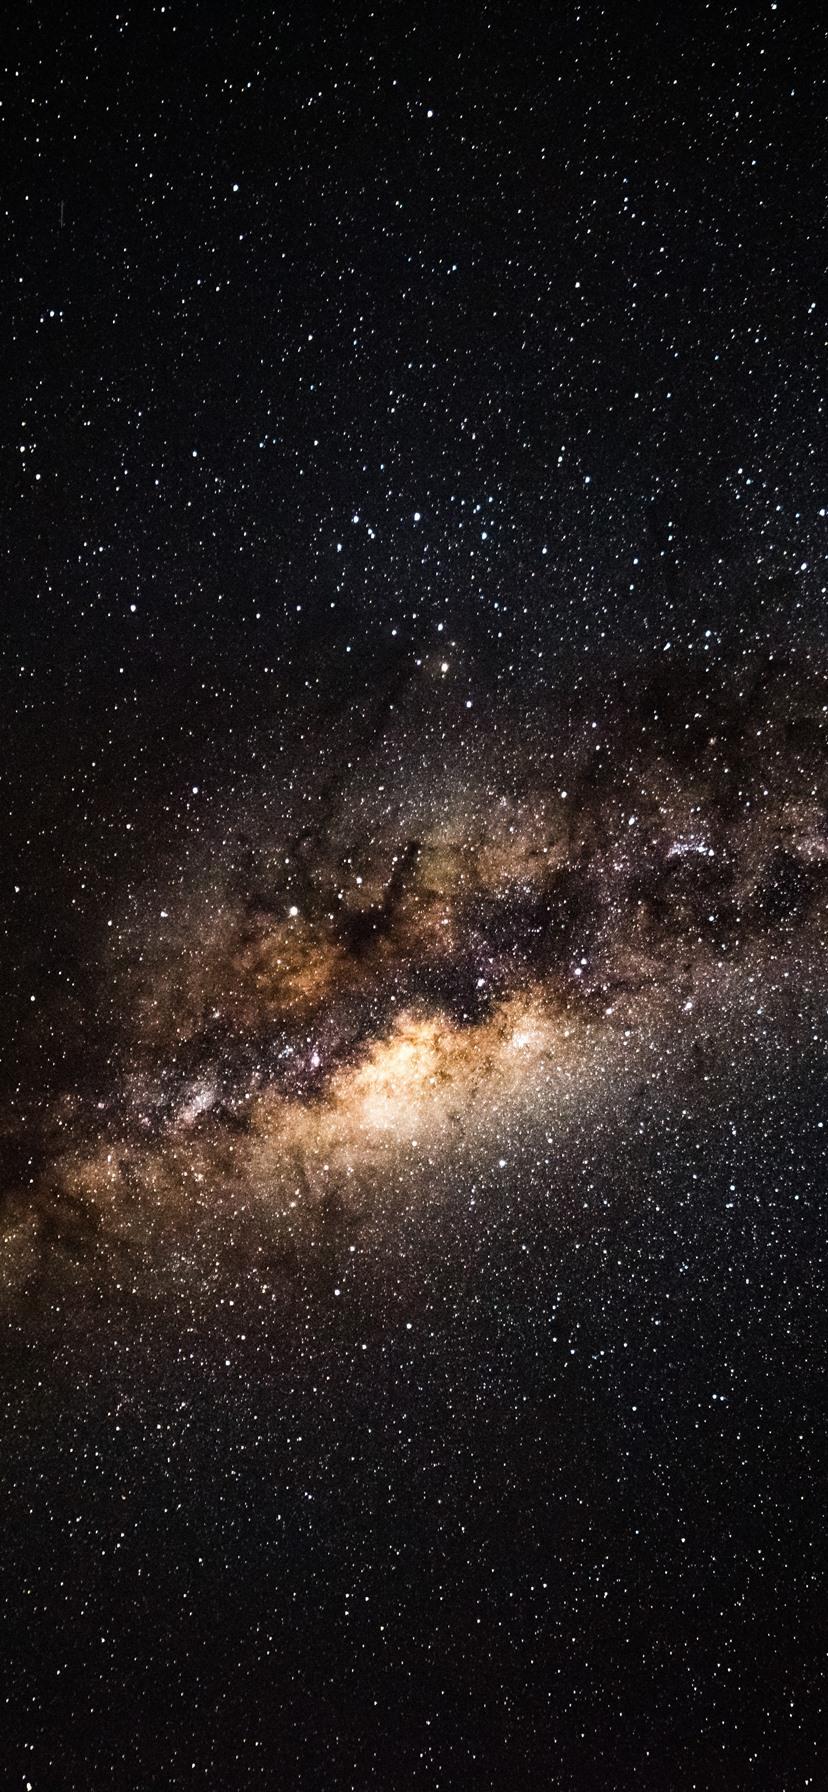 Beautiful universe milky way galaxy